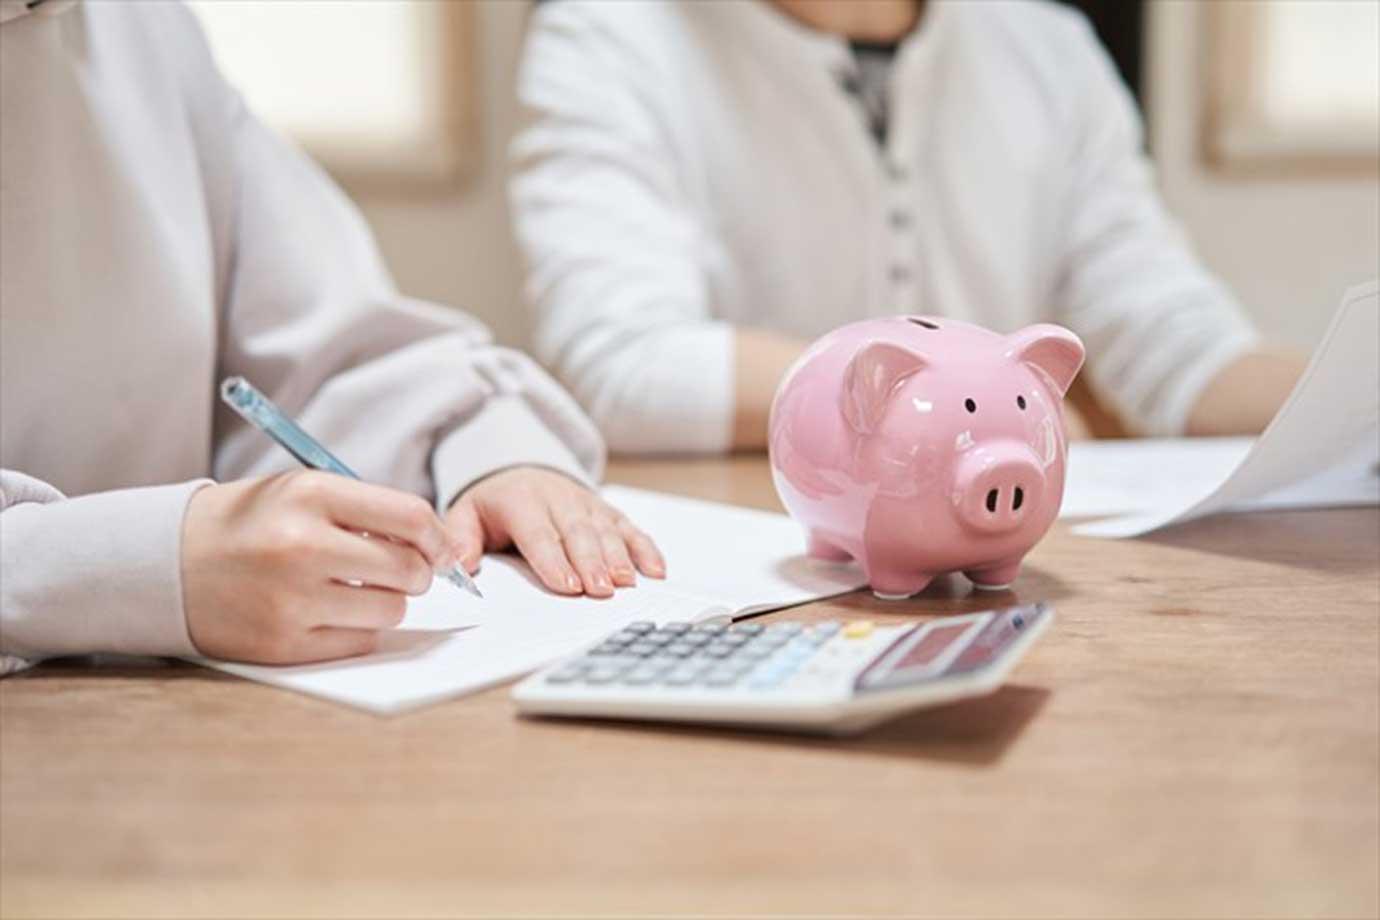 節約や貯金のためには、まず固定費を見直すのが鉄則。格安スマホに乗り換えるなど、毎月の出費は抑え、使っていないサブスクリプション(定額サービス)は解約を検討しましょう